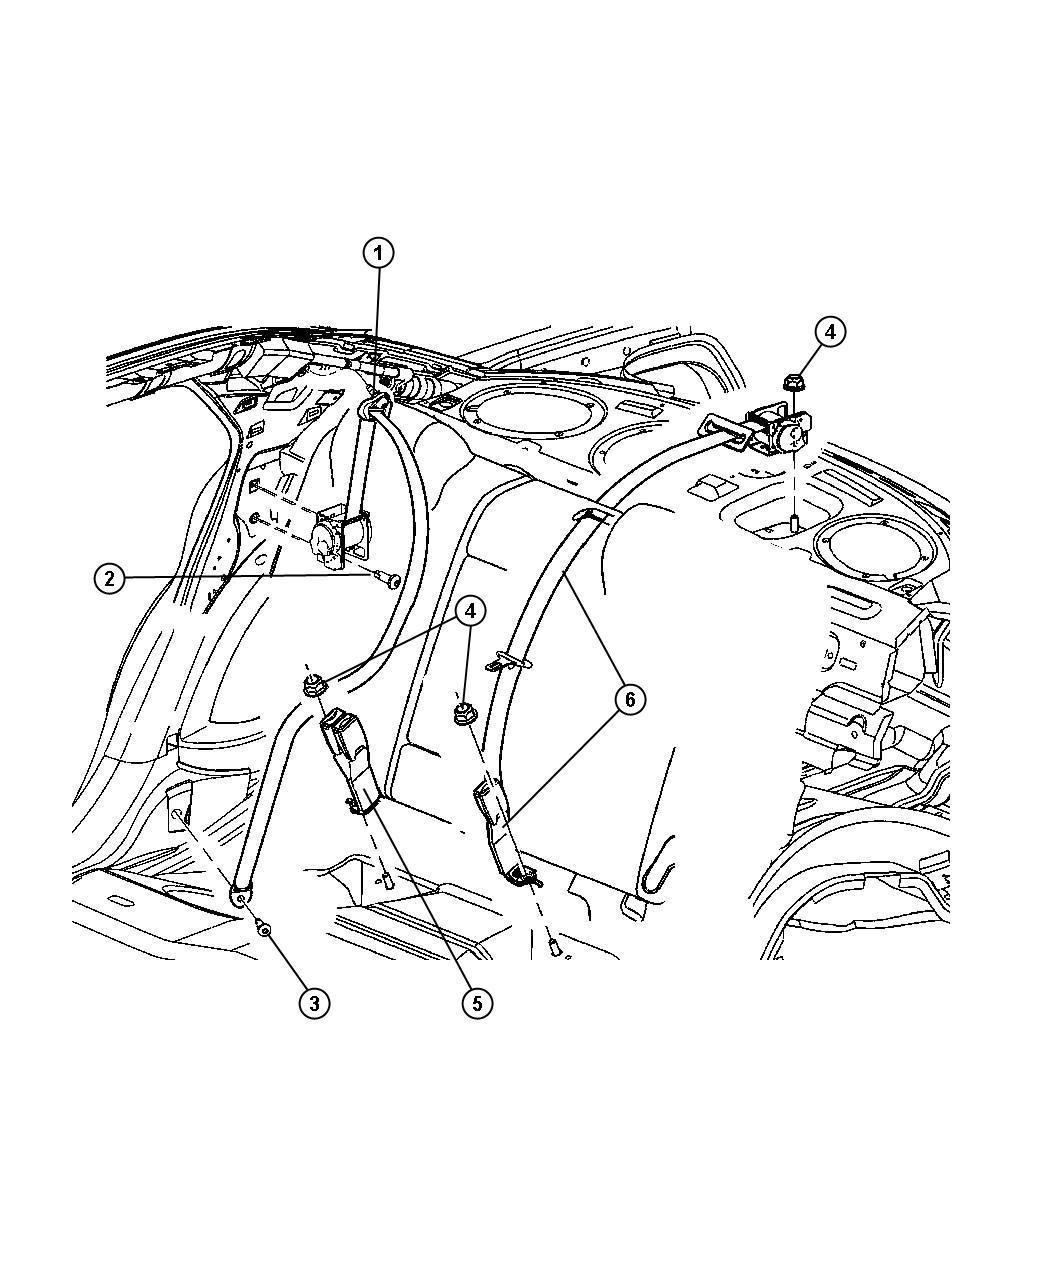 Dodge Charger Seat Belt Rear Center Shoulder J1 All